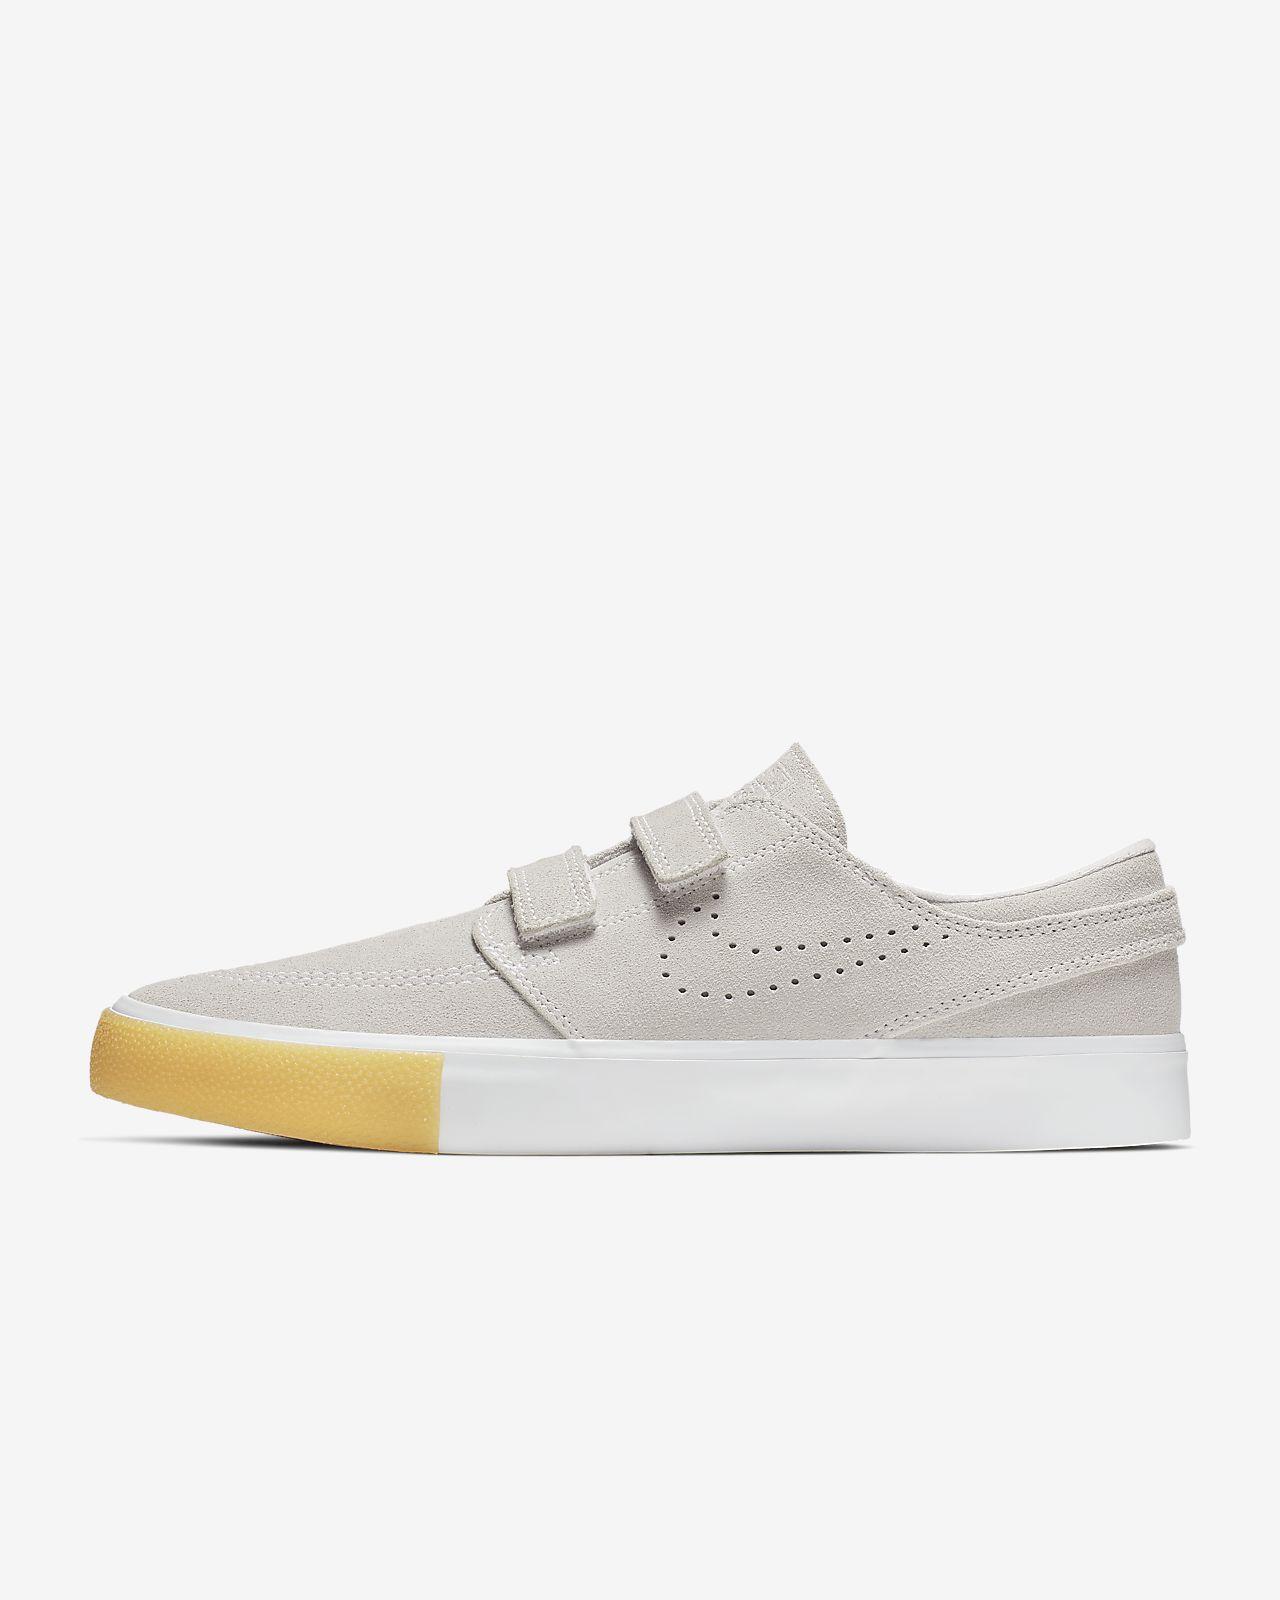 a46acb68810 Nike SB Zoom Janoski AC RM SE Skate Shoe. Nike.com CA